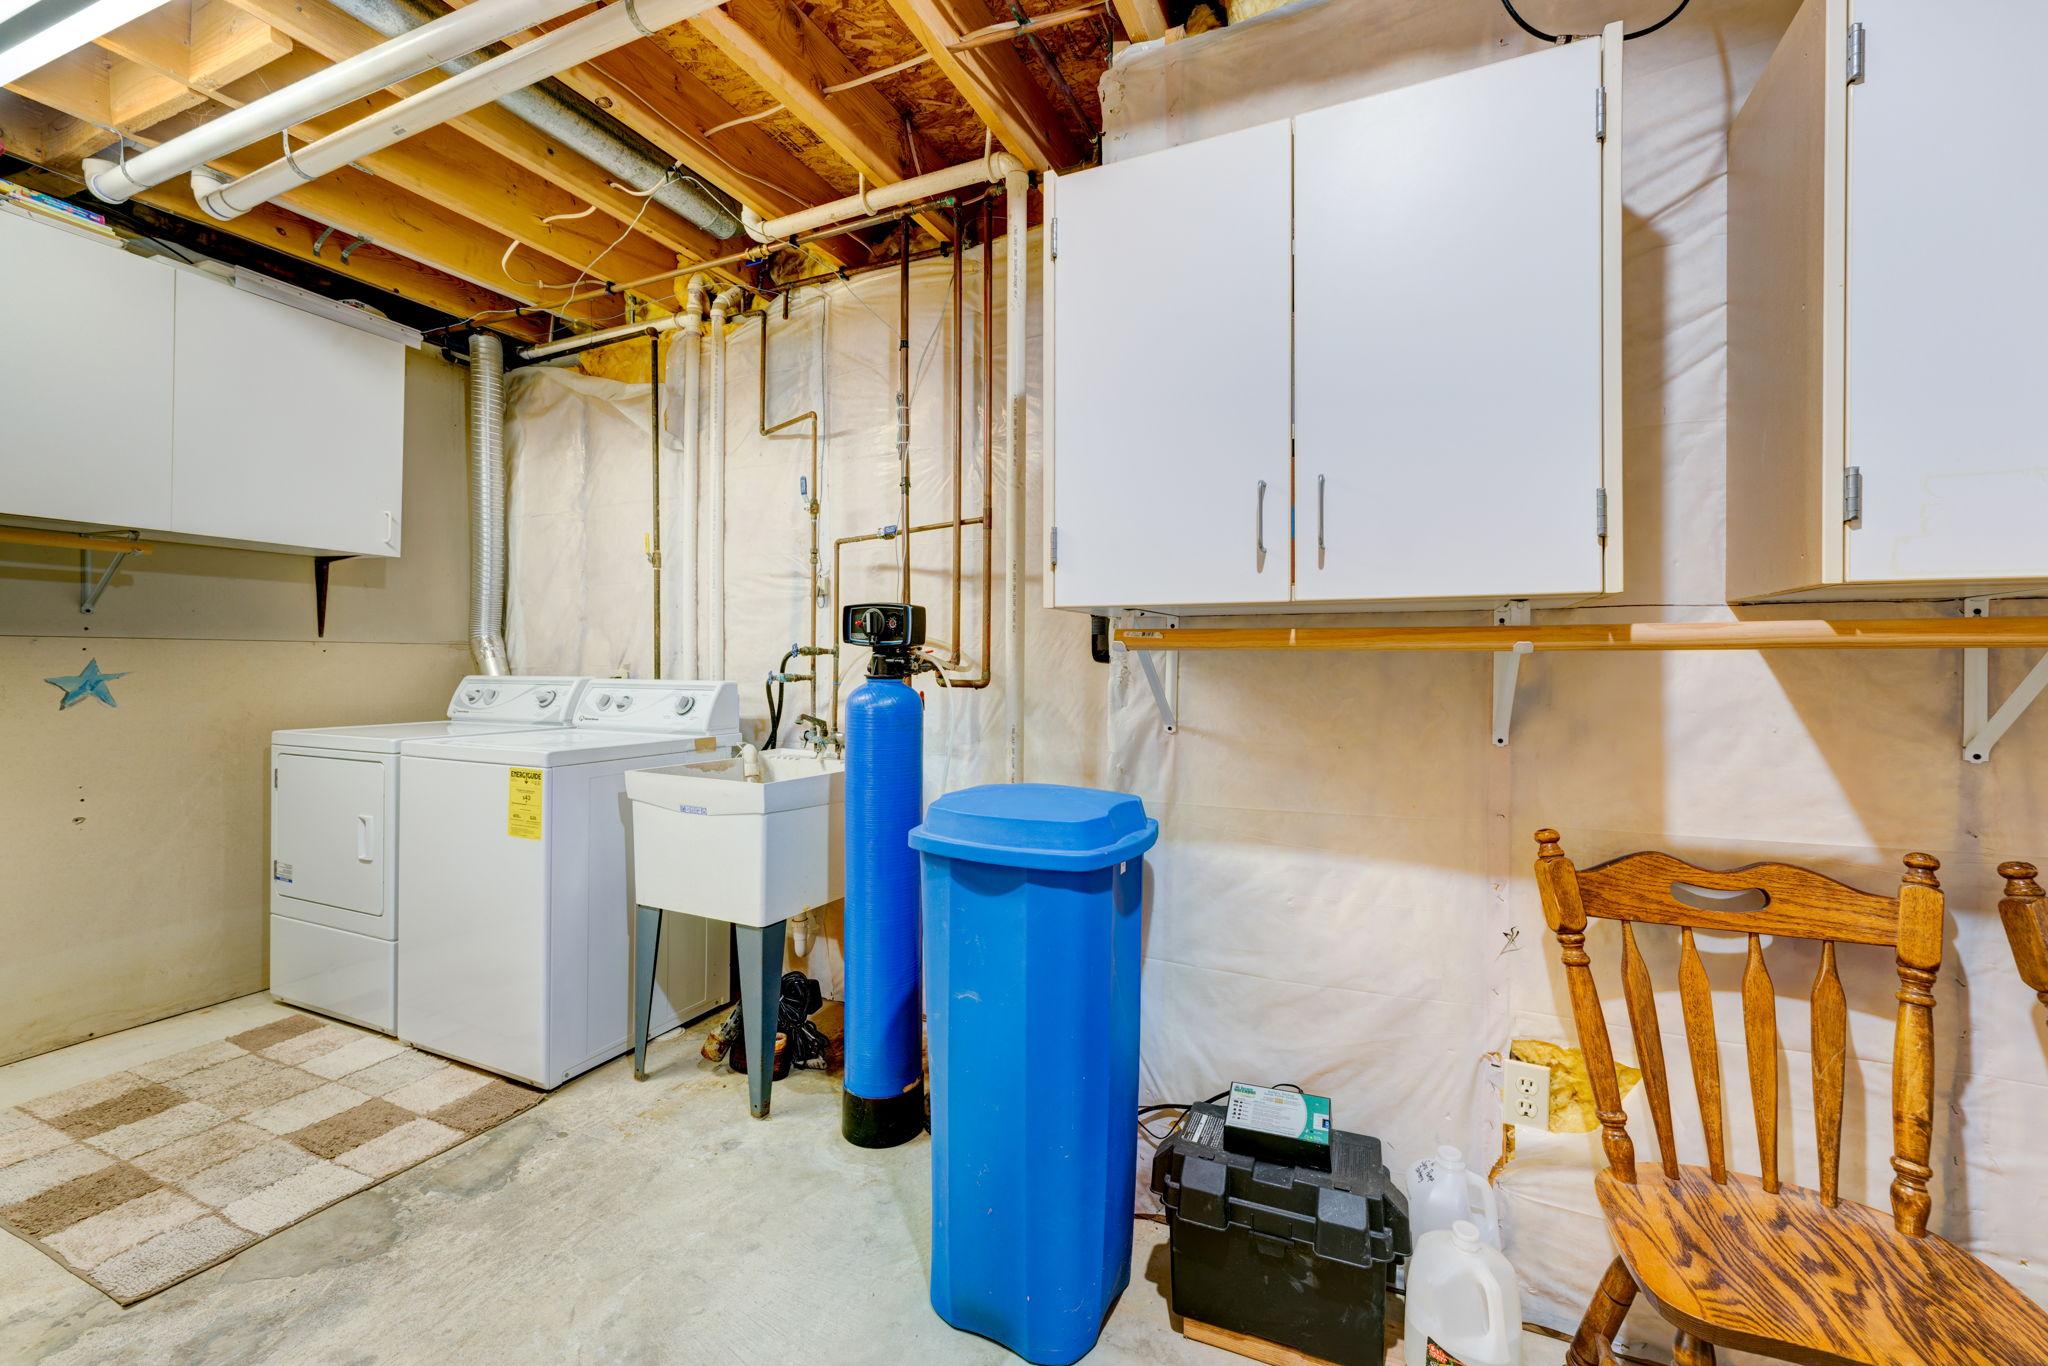 Laundry Facility/Room